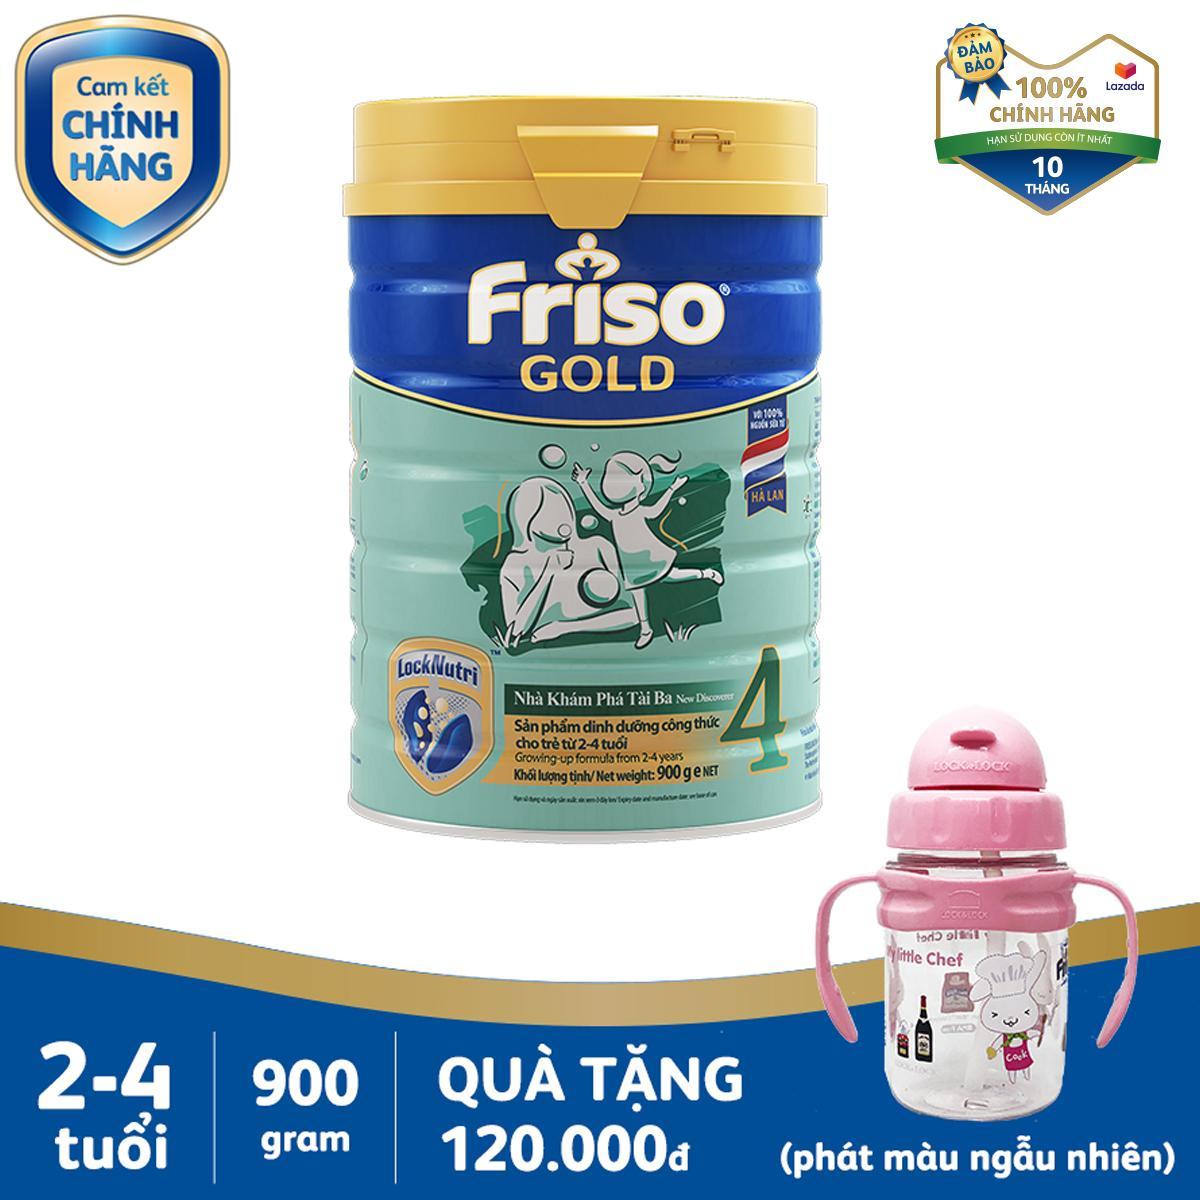 Offer Ưu Đãi Sữa Bột Friso Gold 4 900g Cho Trẻ Từ 2-4 Tuổi + Tặng 1 Bình Nước Lock&Lock Cho Bé (màu Ngẫu Nhiên) - Cam Kết HSD ít Nhất 10 Tháng